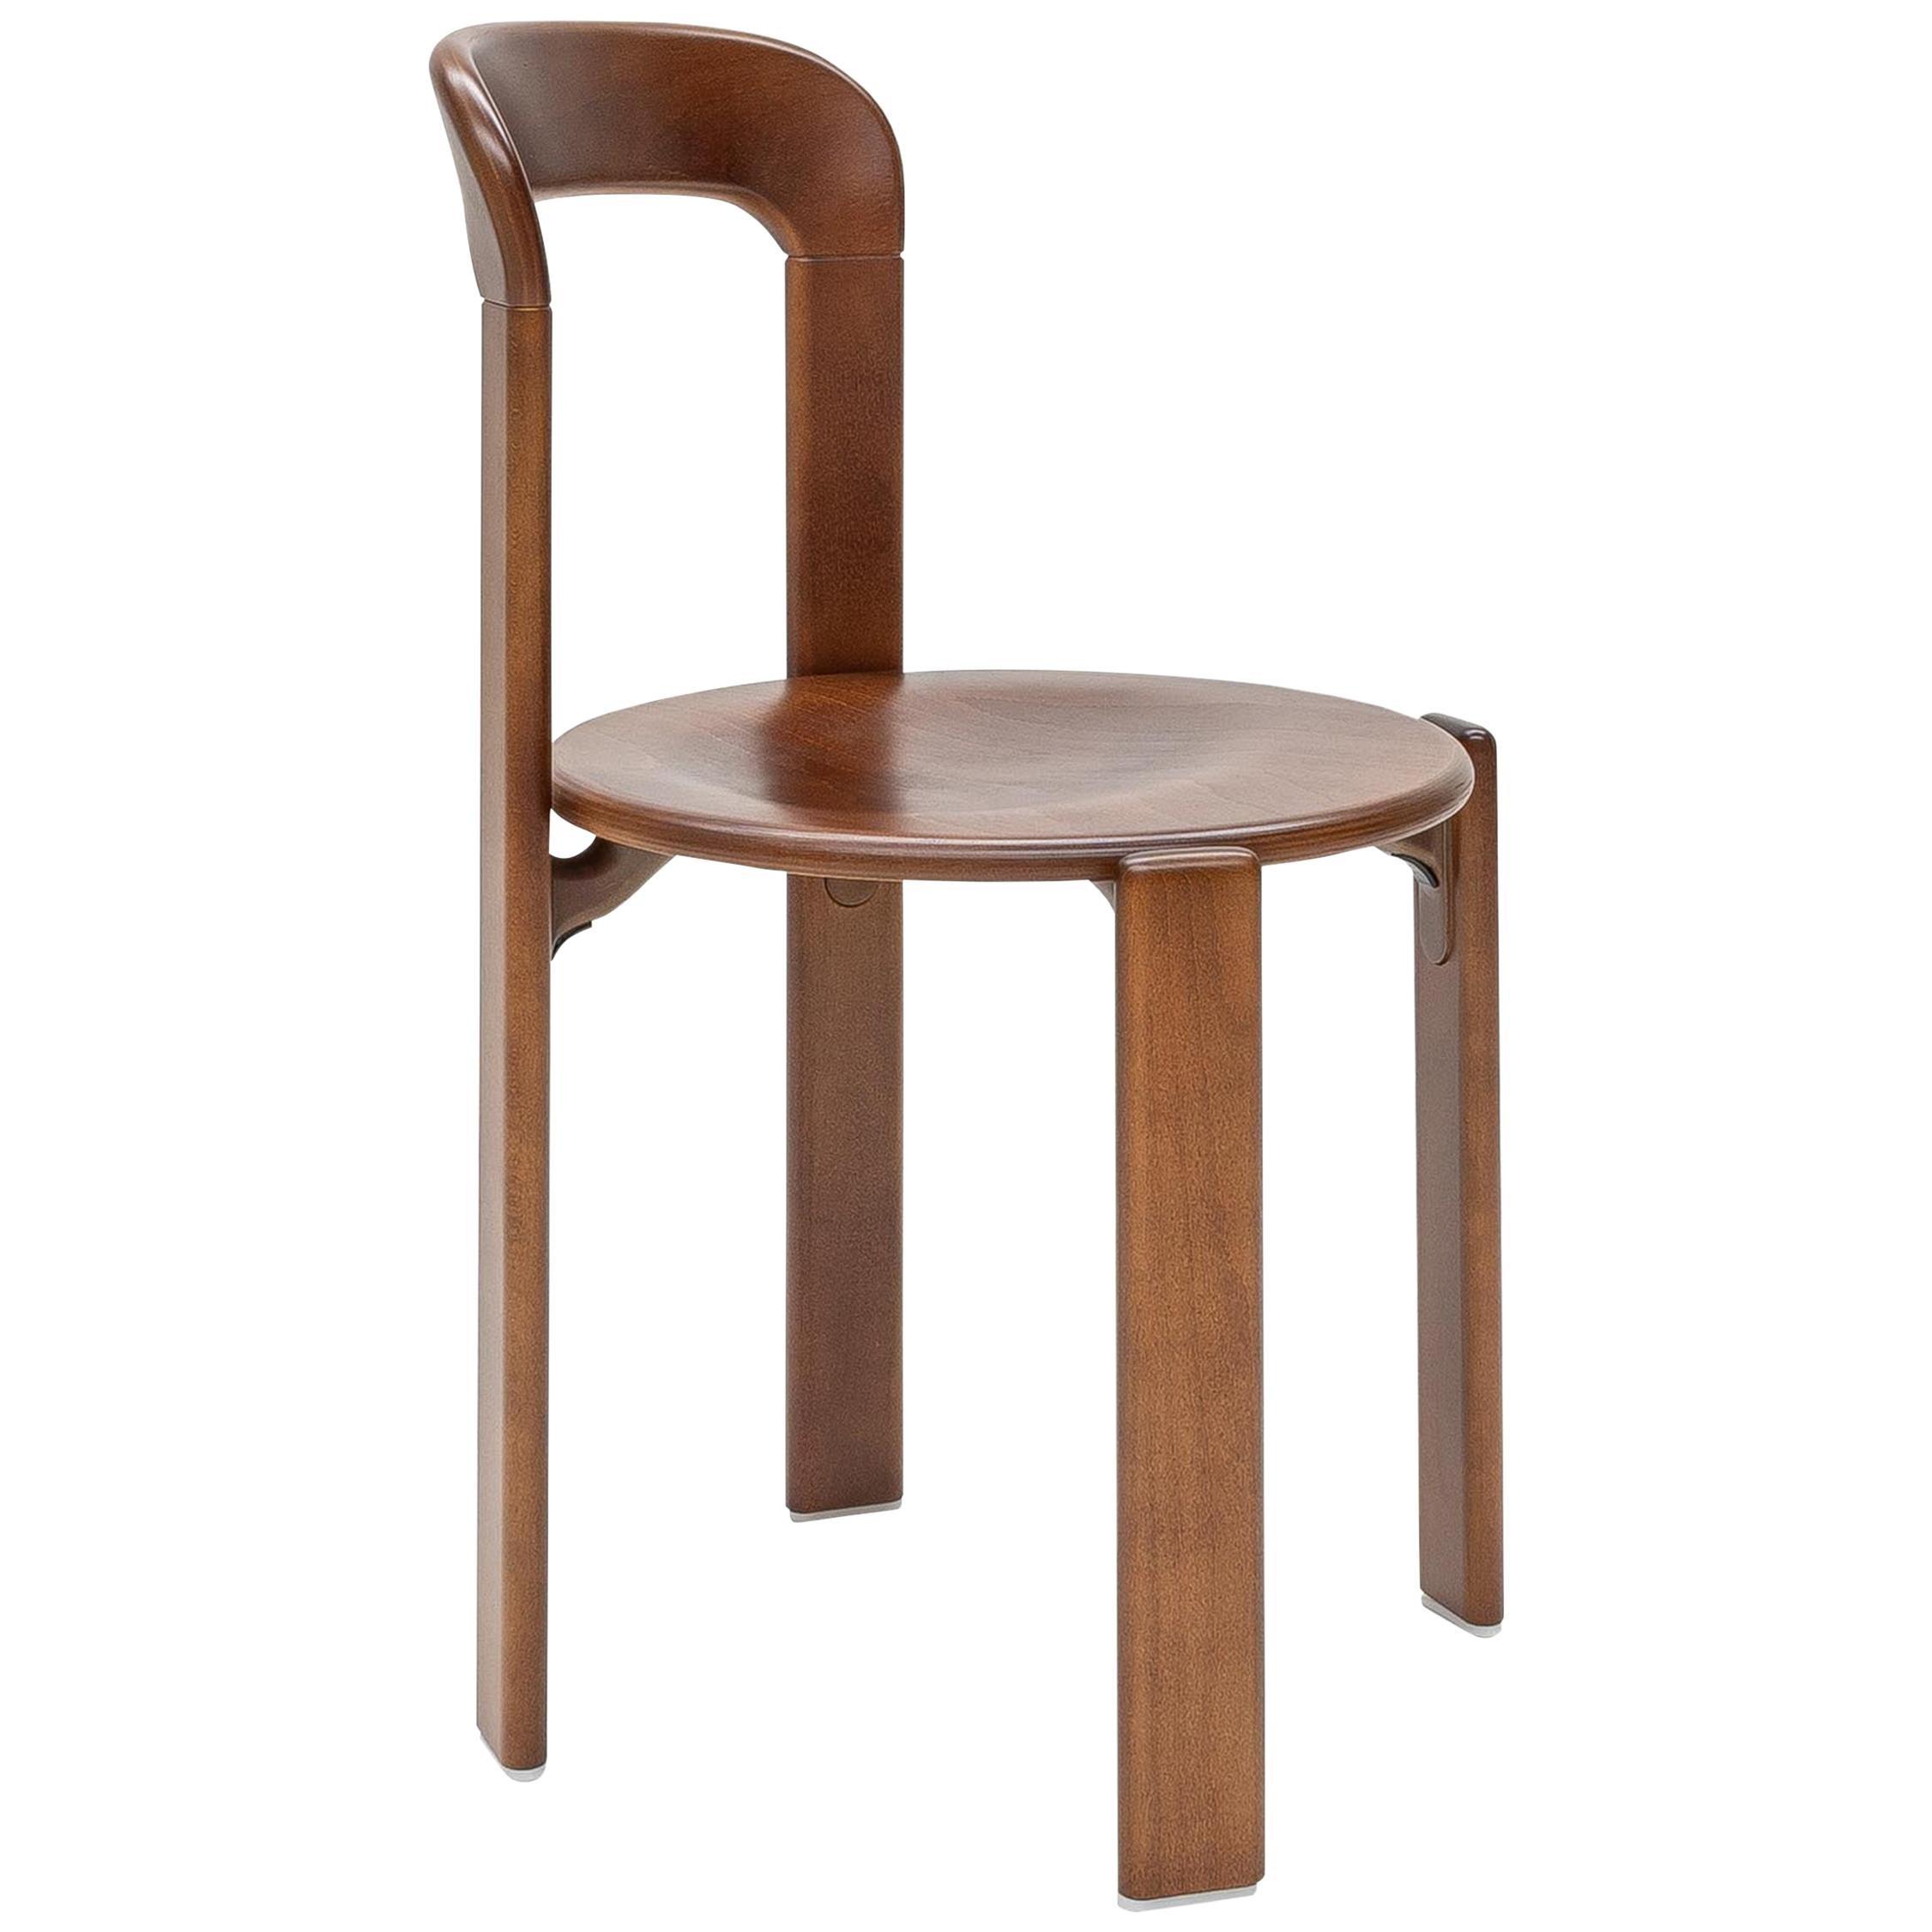 Mid-Century Modern, Rey Chair by Bruno Rey, Color Vintage Chestnut, Design 1971